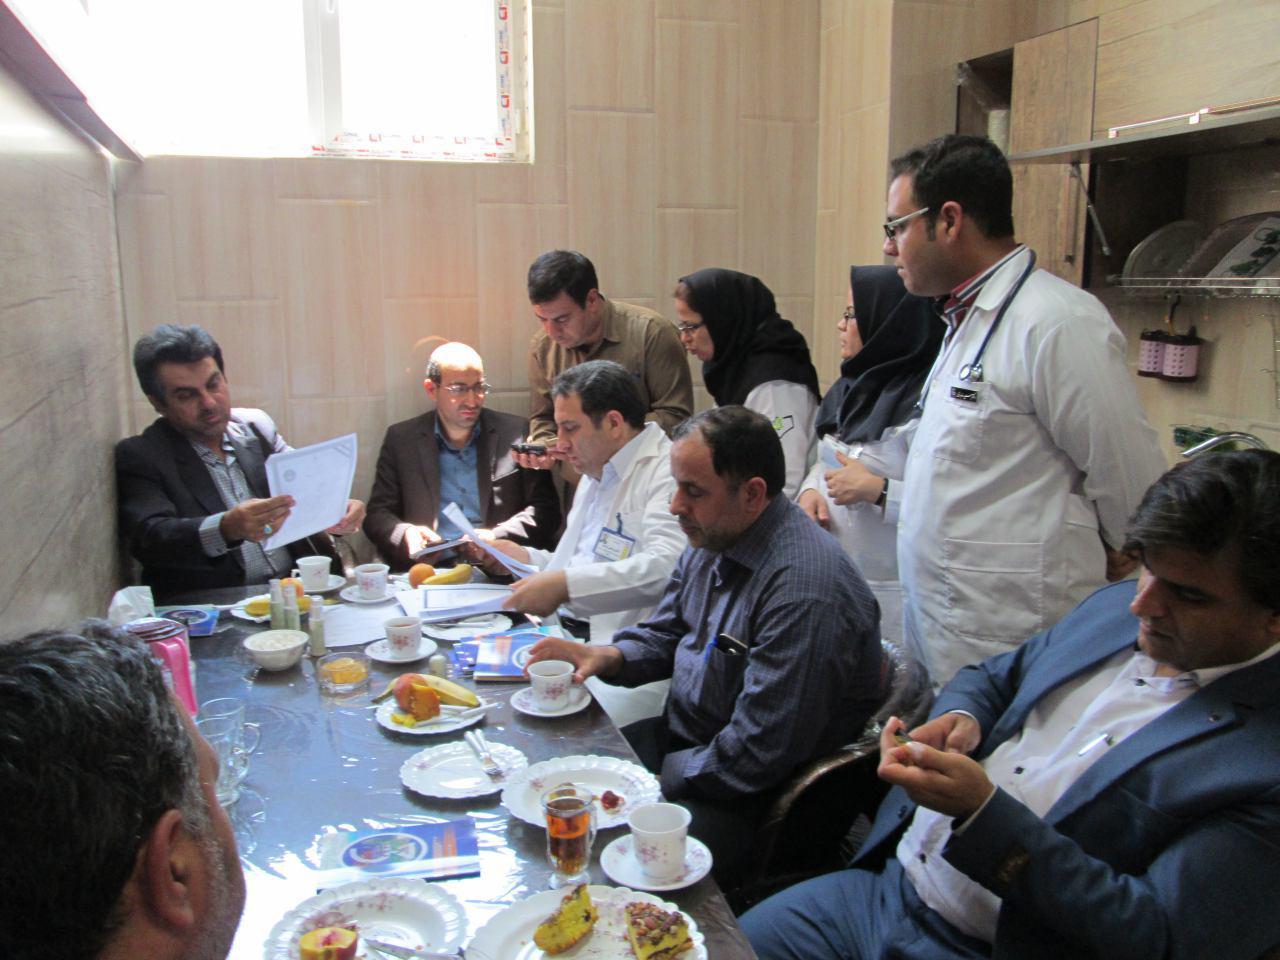 افتتاح دومین«ازن تراپی» کشور در نجف آباد افتتاح دومین«ازن تراپی» کشور در نجف آباد افتتاح دومین«ازن تراپی» کشور در نجف آباد                 7